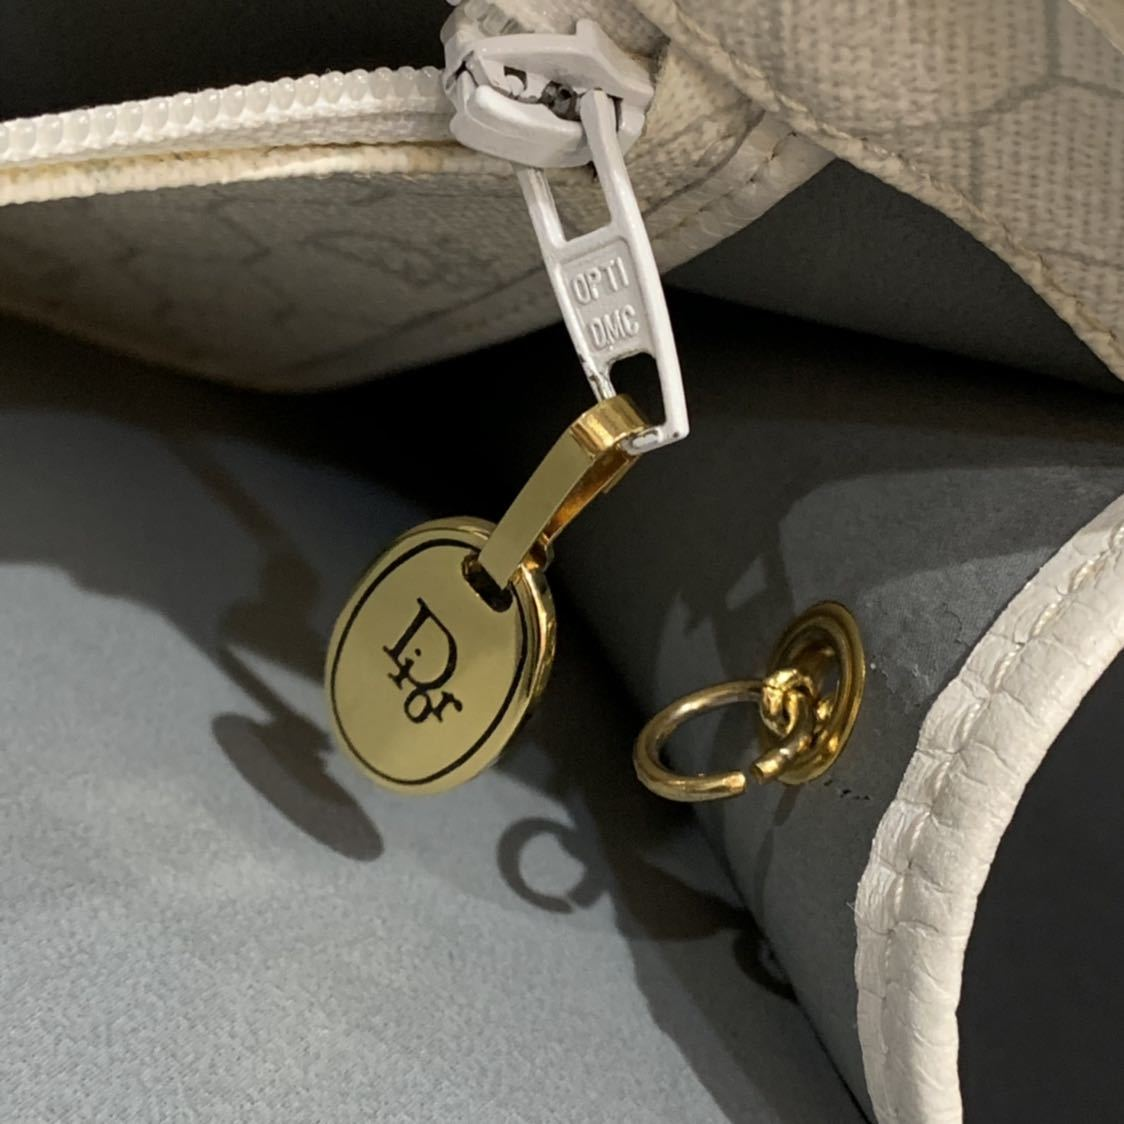 クリスチャンディオール Christian Dior チェーン 2WAY ショルダー クラッチバッグ トロッター キャンバス レザー ビンテージ オールド_画像8